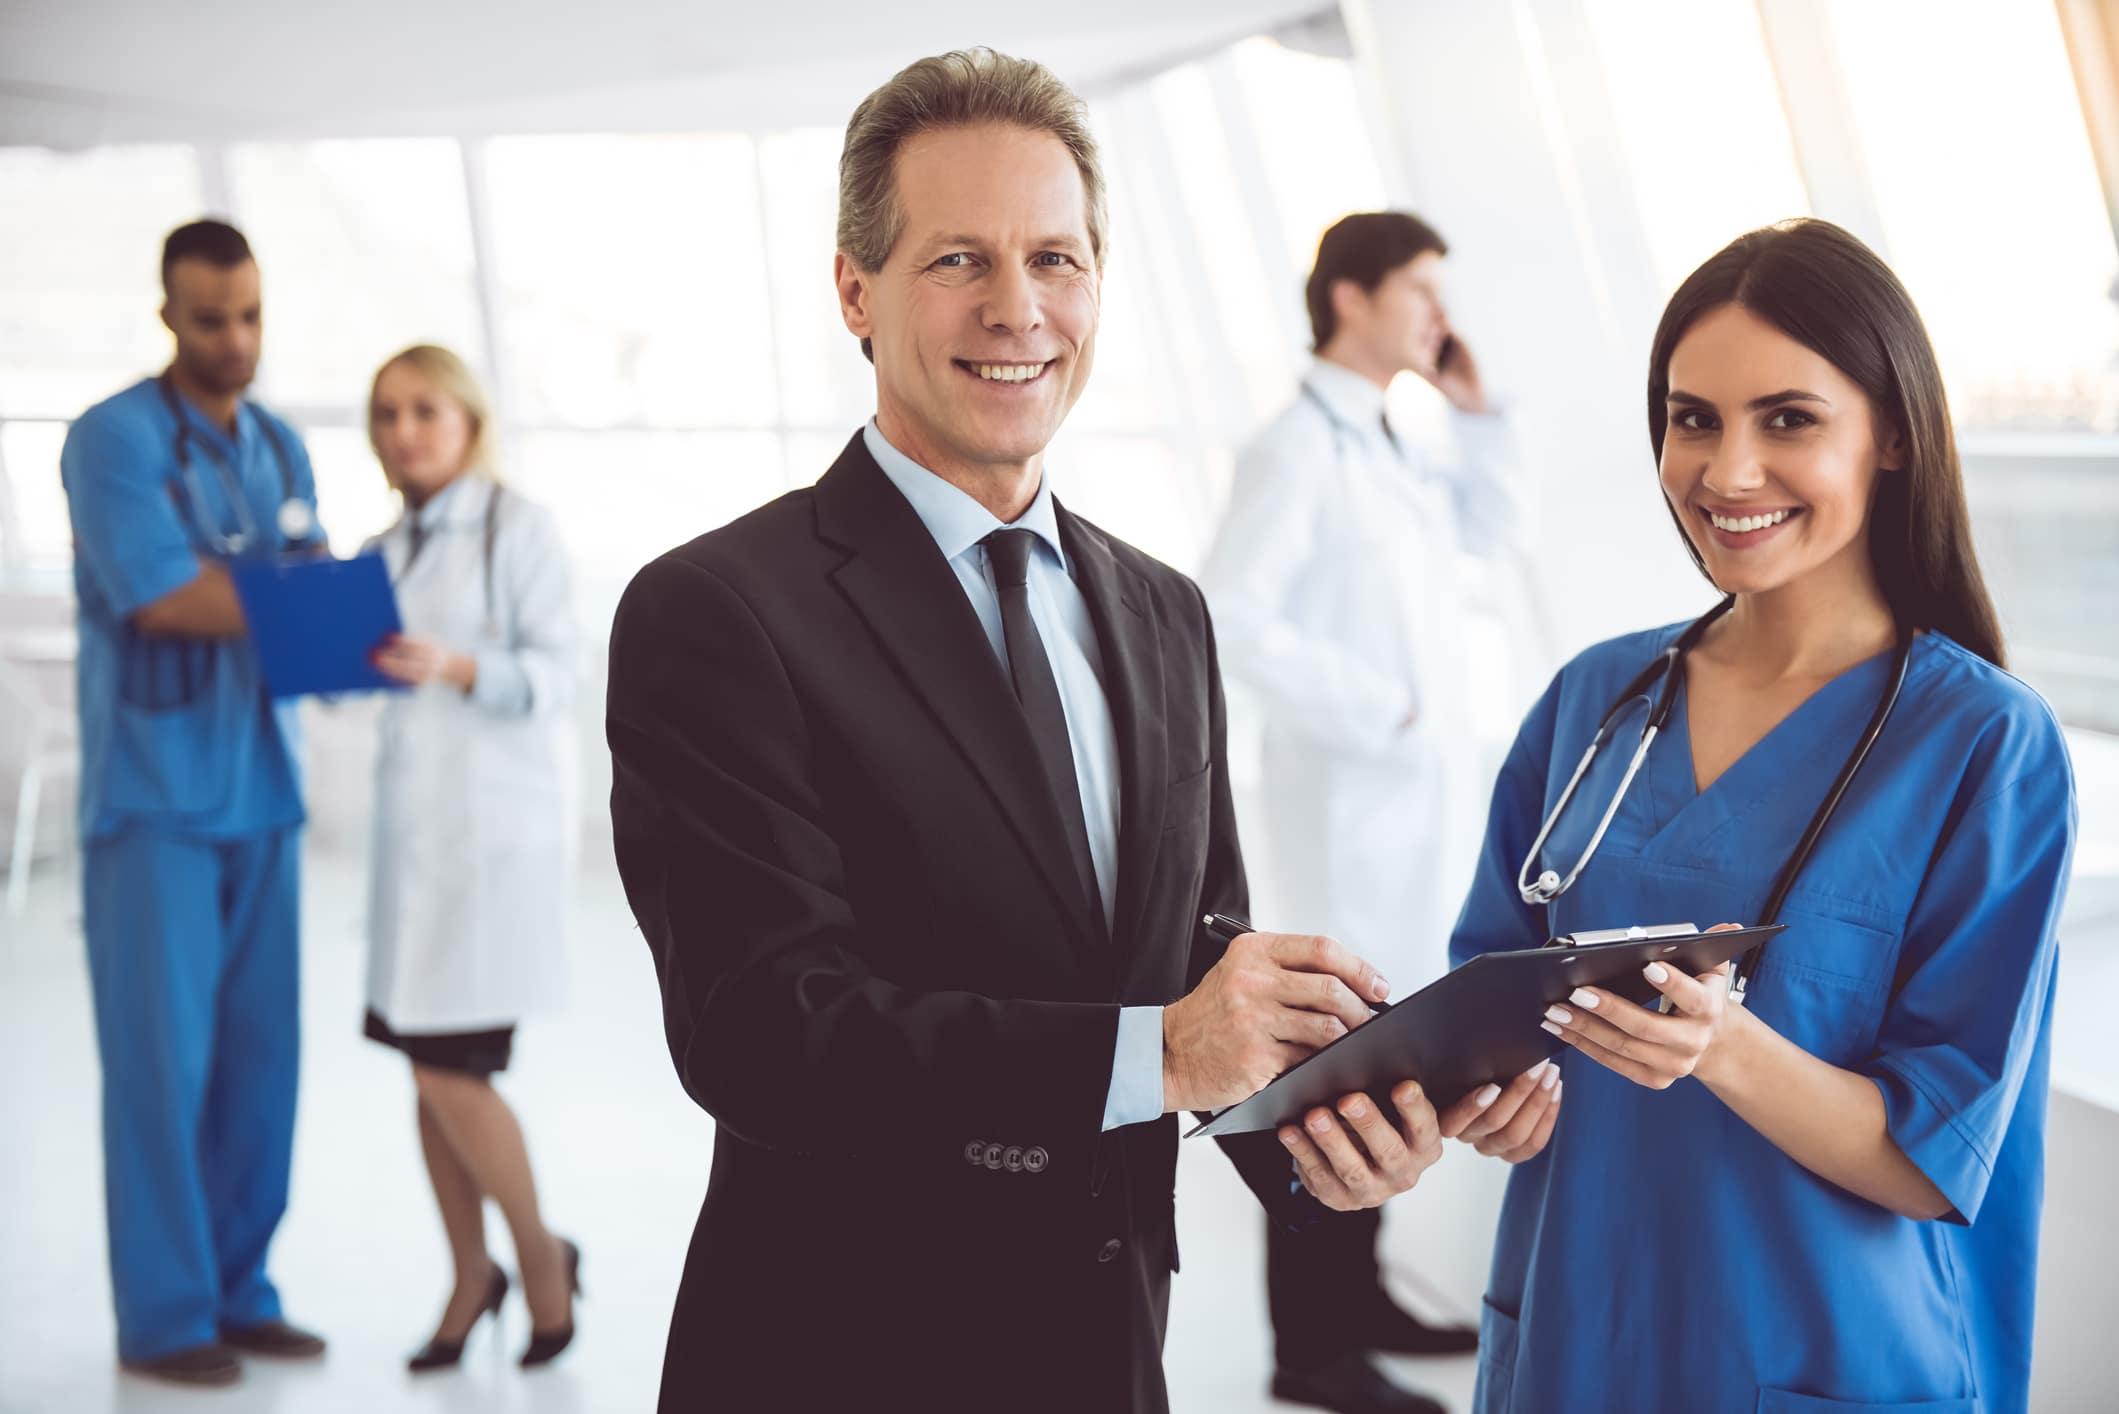 Maîtriser le cadre des produits de santé à l'Hôpital et dans le GHT